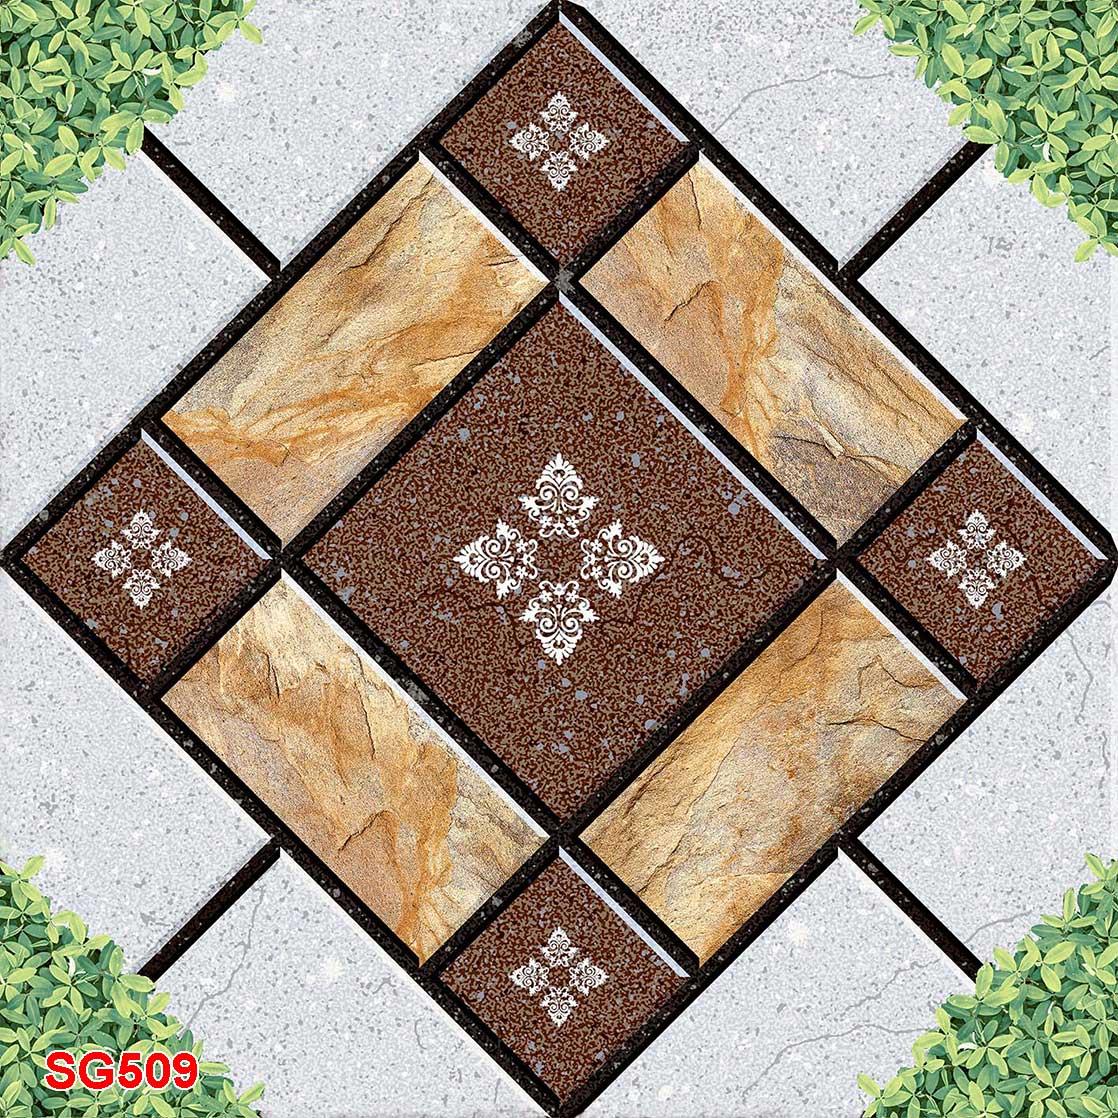 Gạch sân vườn 500x500 Viglacera SG510 giá rẻ